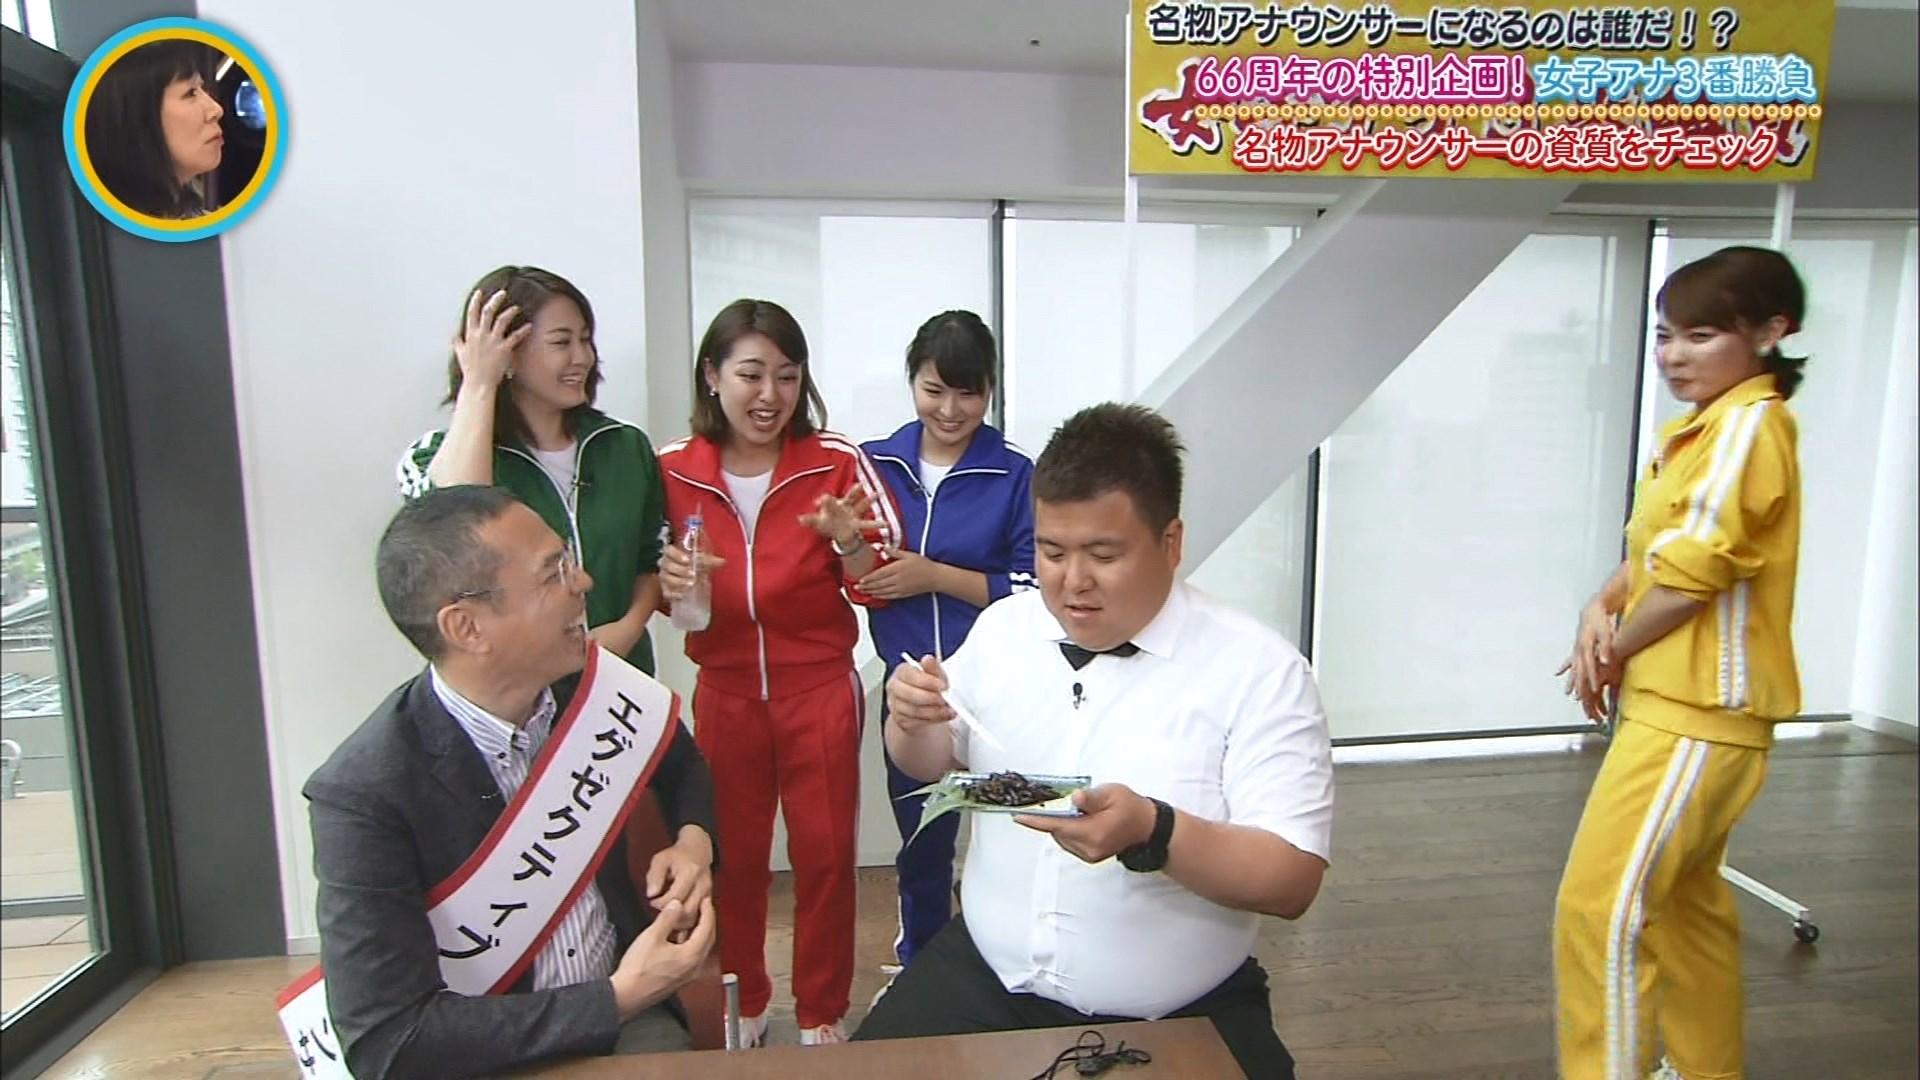 塚本麻里衣・川添佳穂88